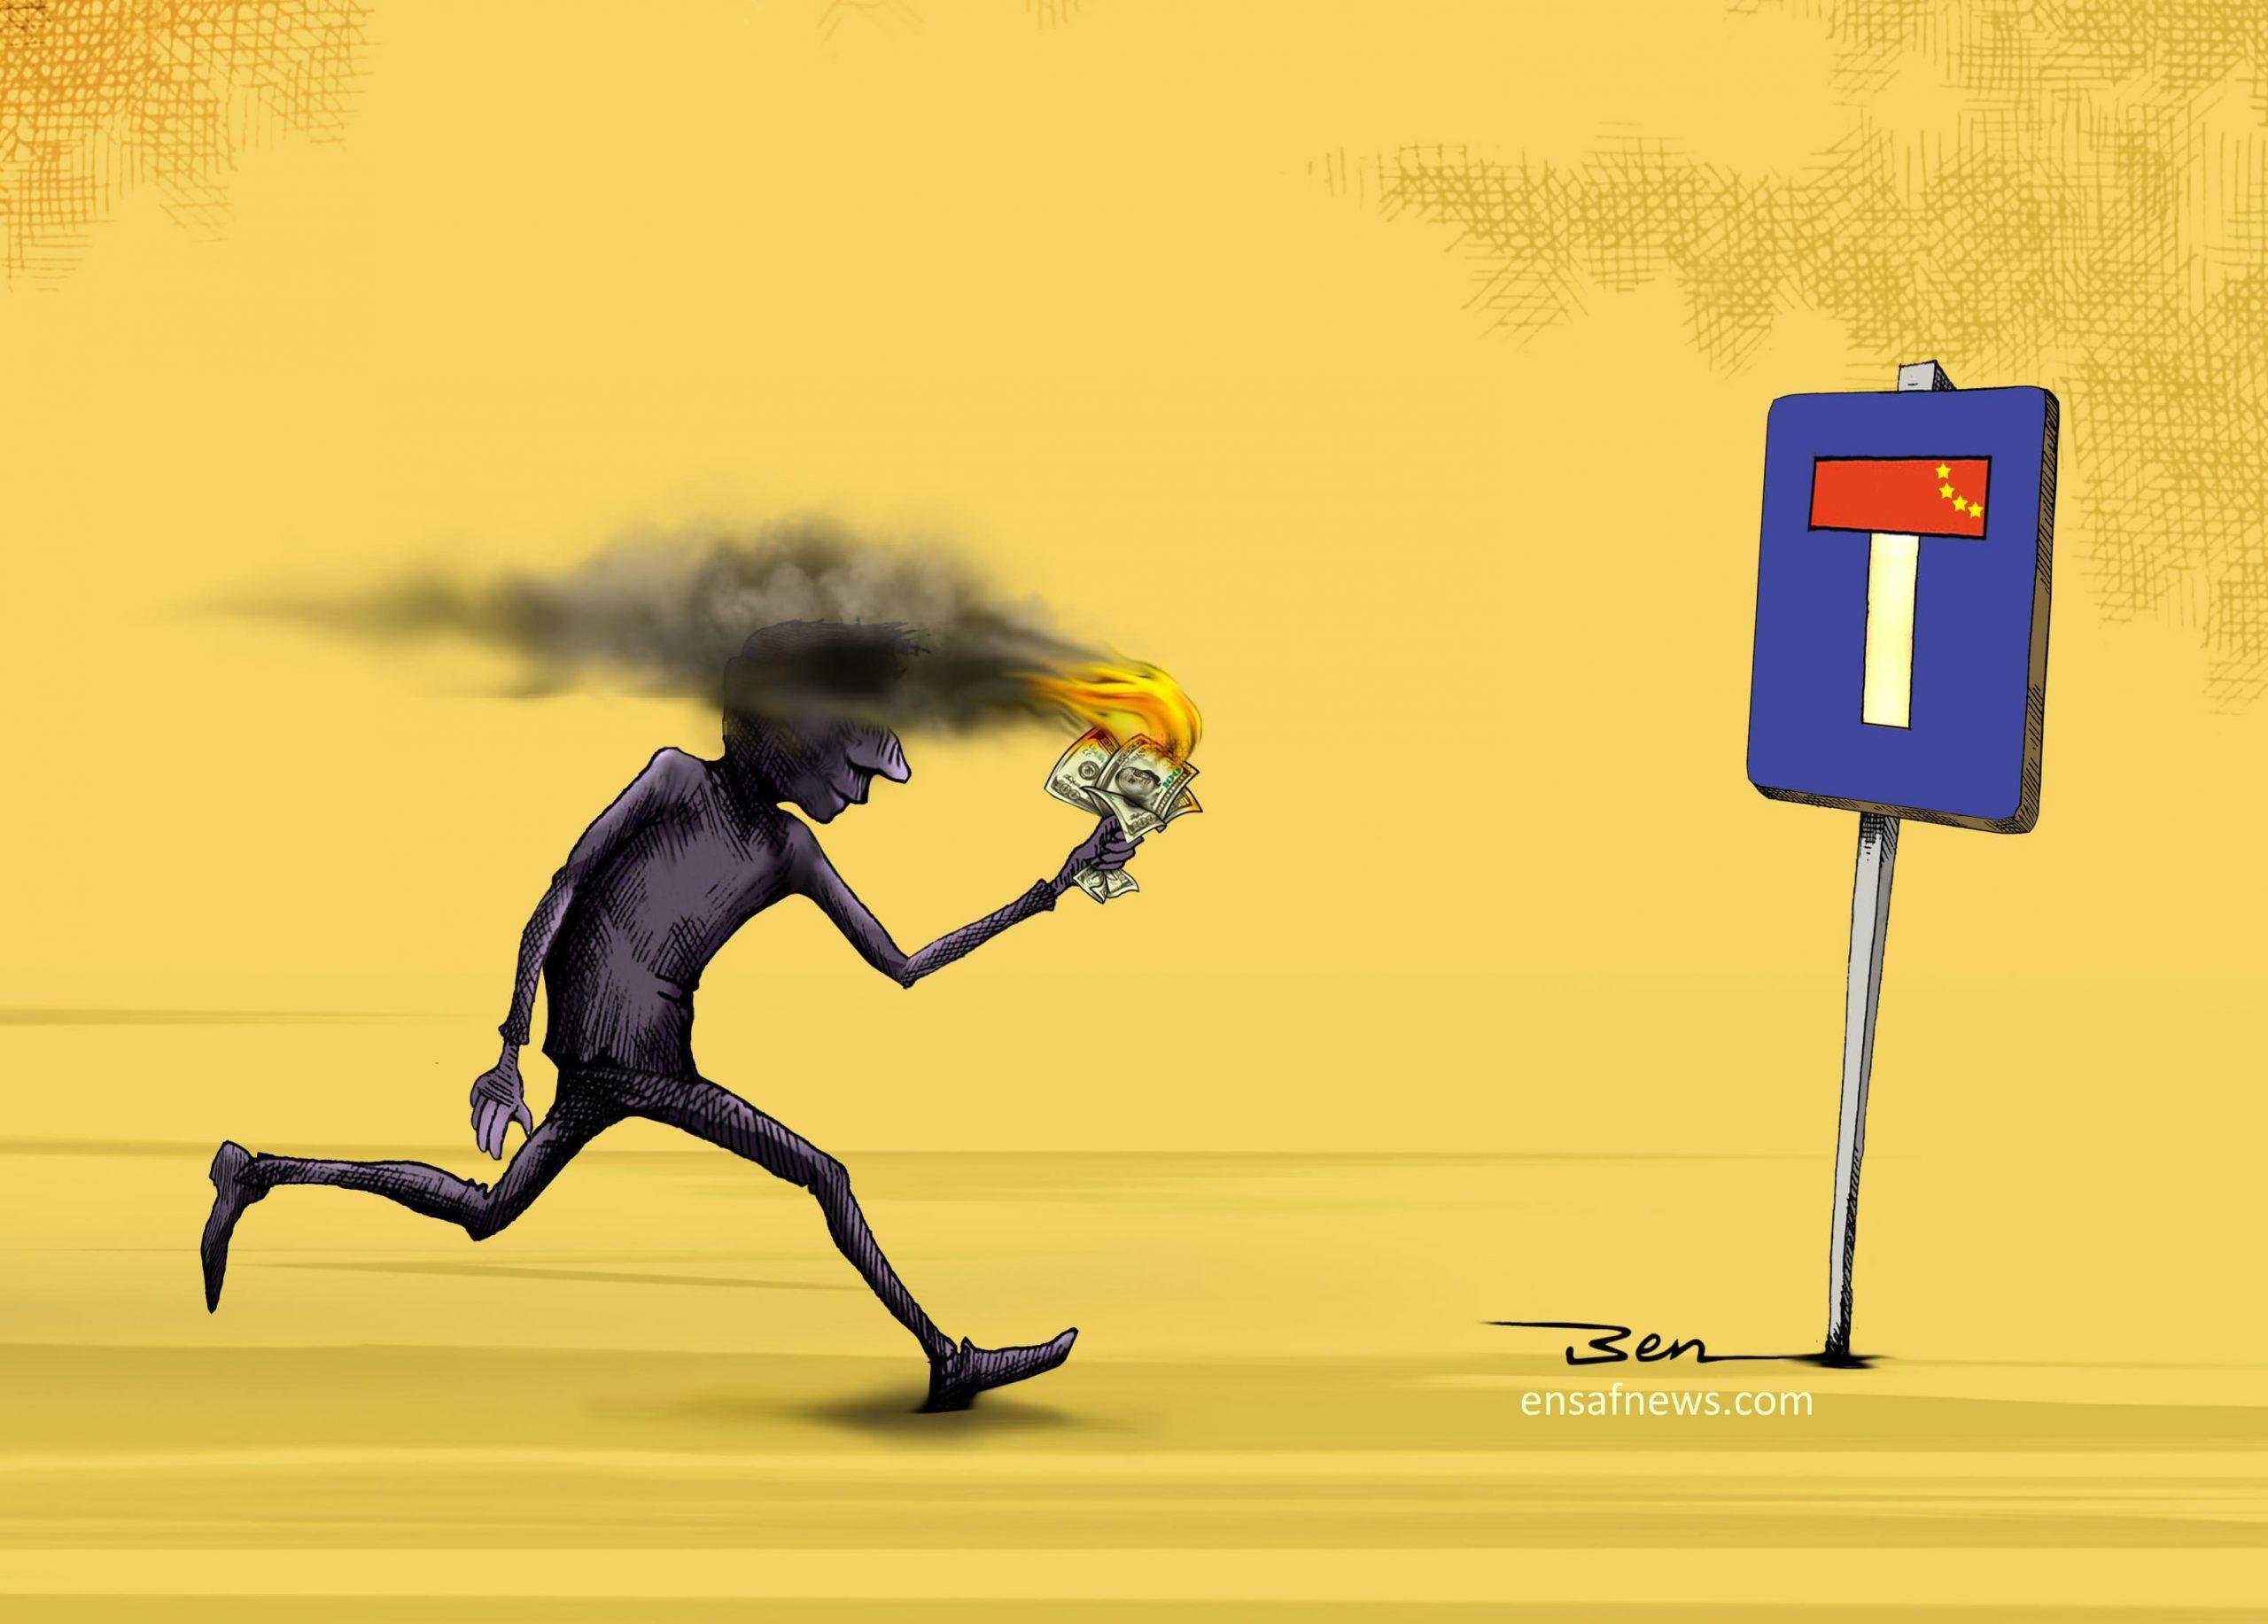 کارتون «به کجا چنین شتابان»، کاری از «بنیامین آل علی» کارتونیست انصاف نیوز